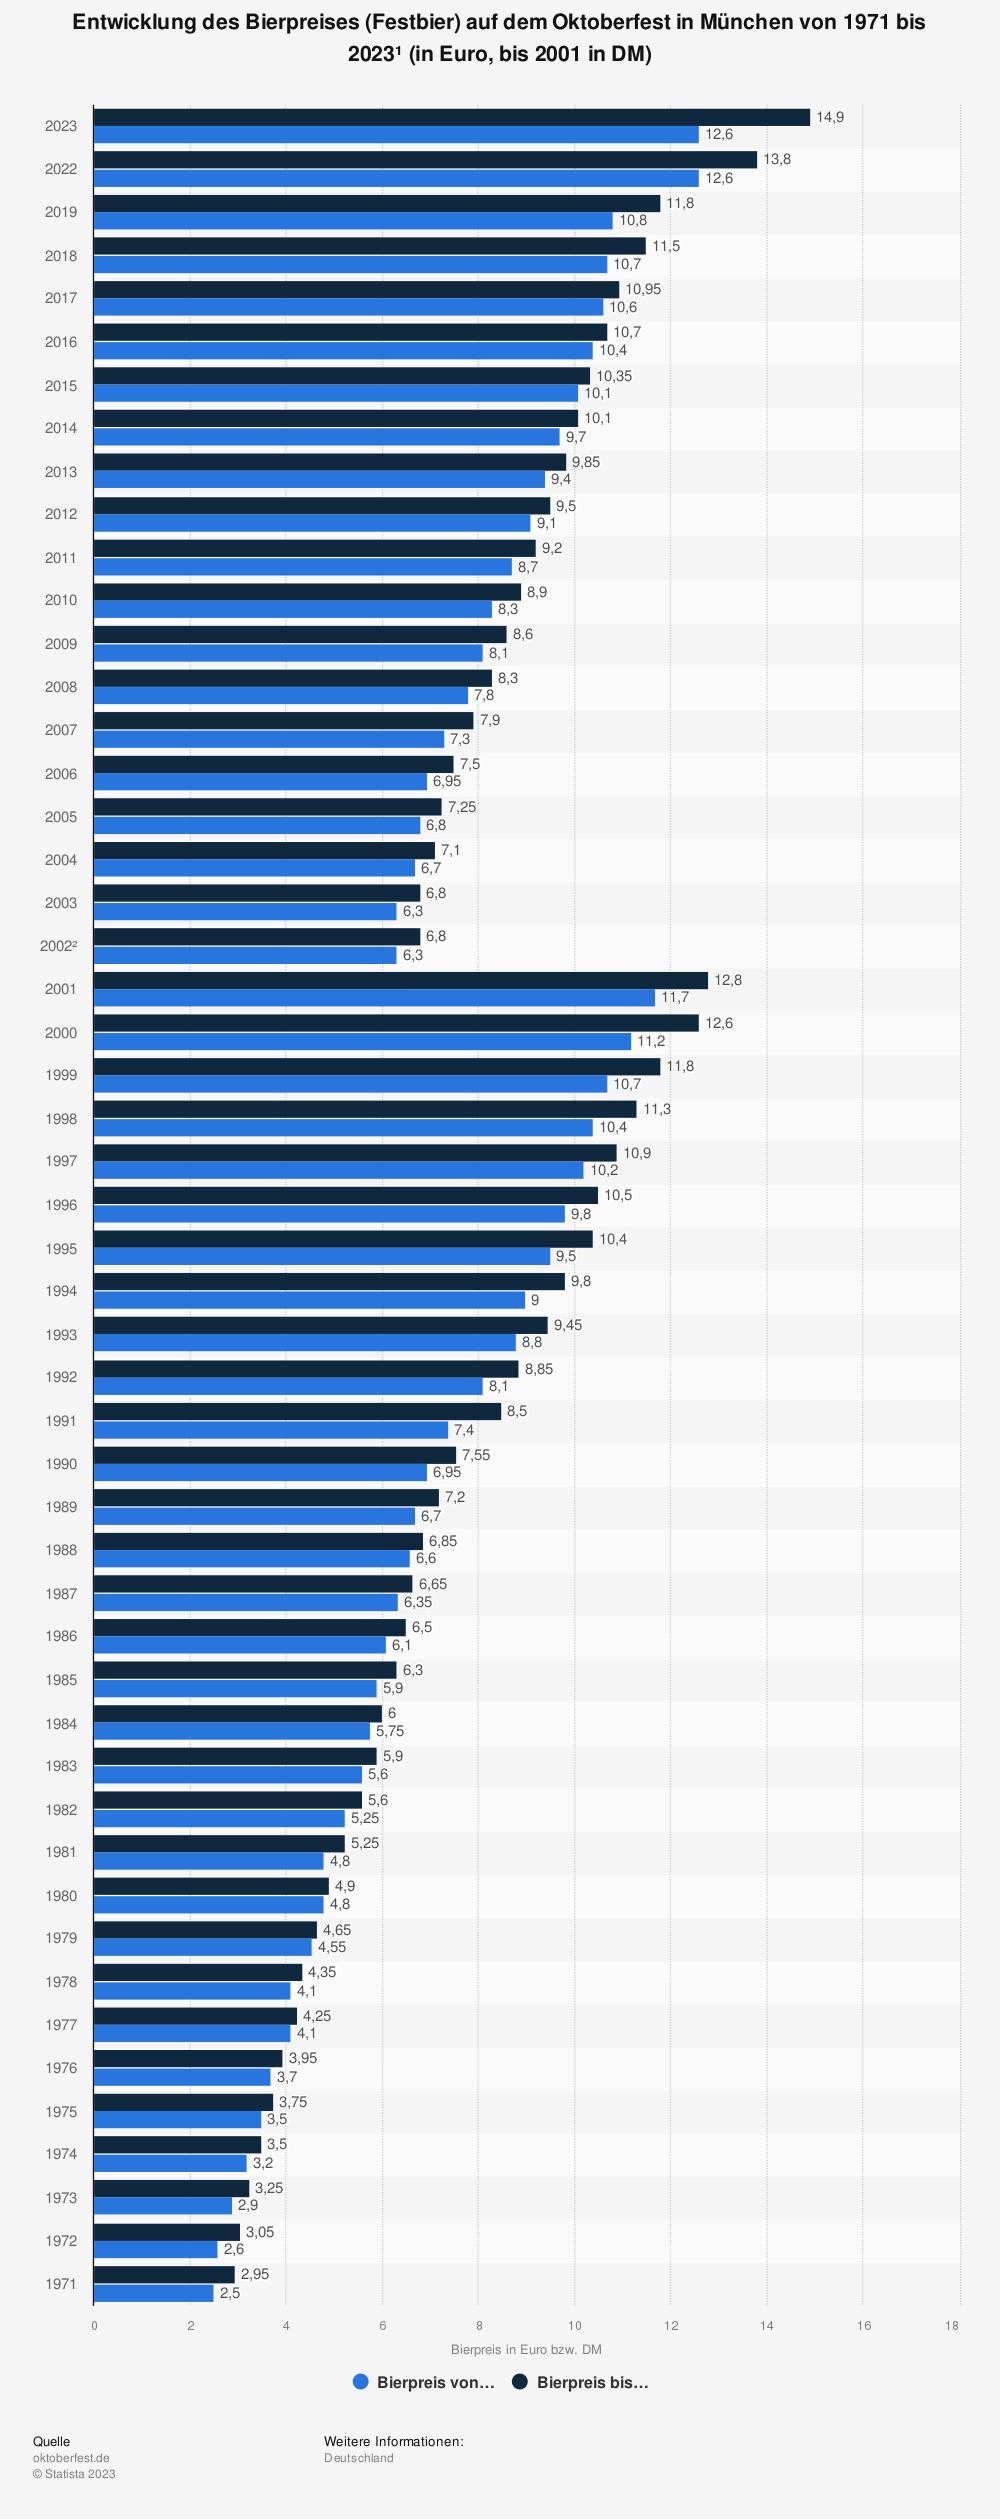 Statistik: Entwicklung des Bierpreises (Festbier) auf dem Oktoberfest in München von 1971 bis 2018 (in Euro, bis 2001 in DM) | Statista